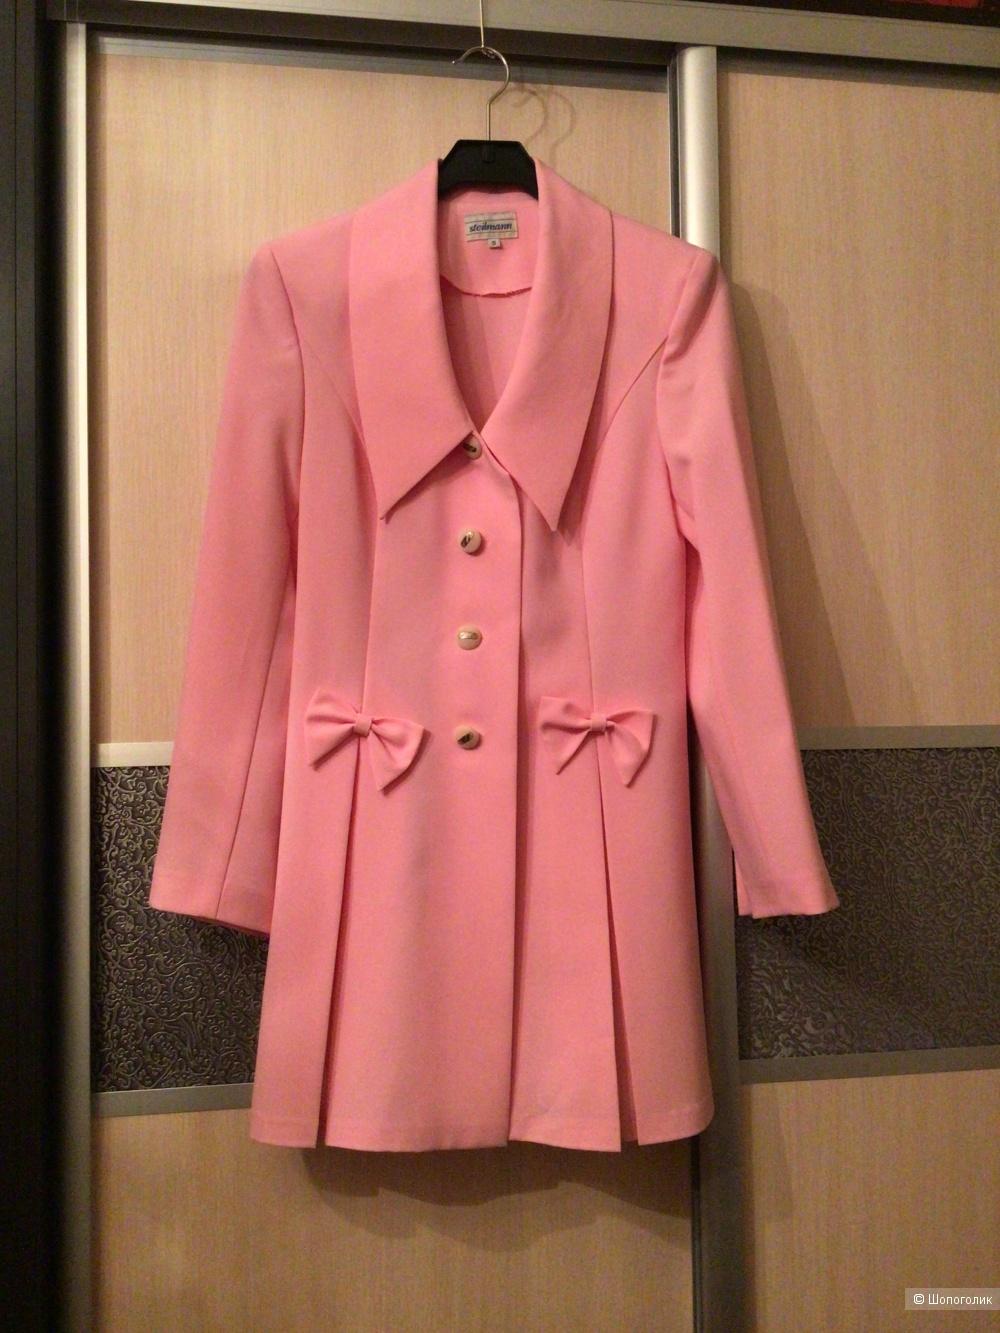 Пиджак или пиджак-платье Steilmann, размер S